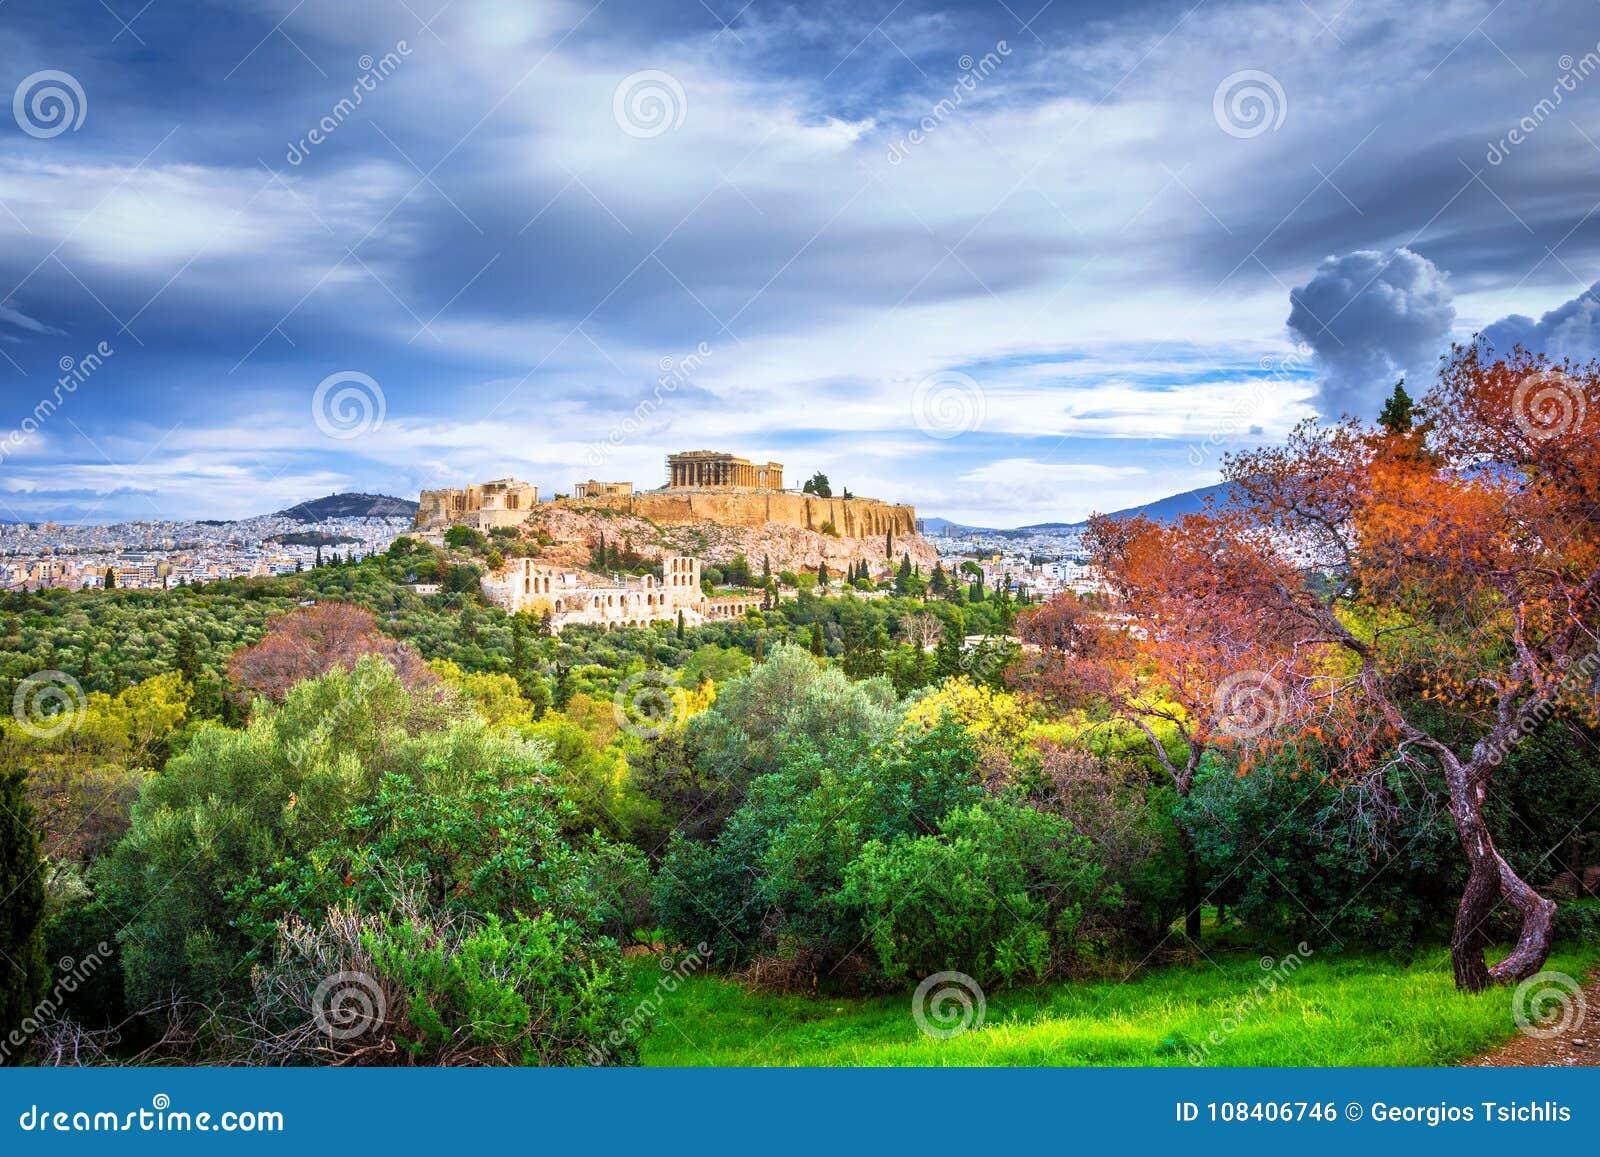 Акрополь с Парфеноном Взгляд через рамку с зелеными растениями, деревьями, старыми мраморами и городским пейзажем, Афинами